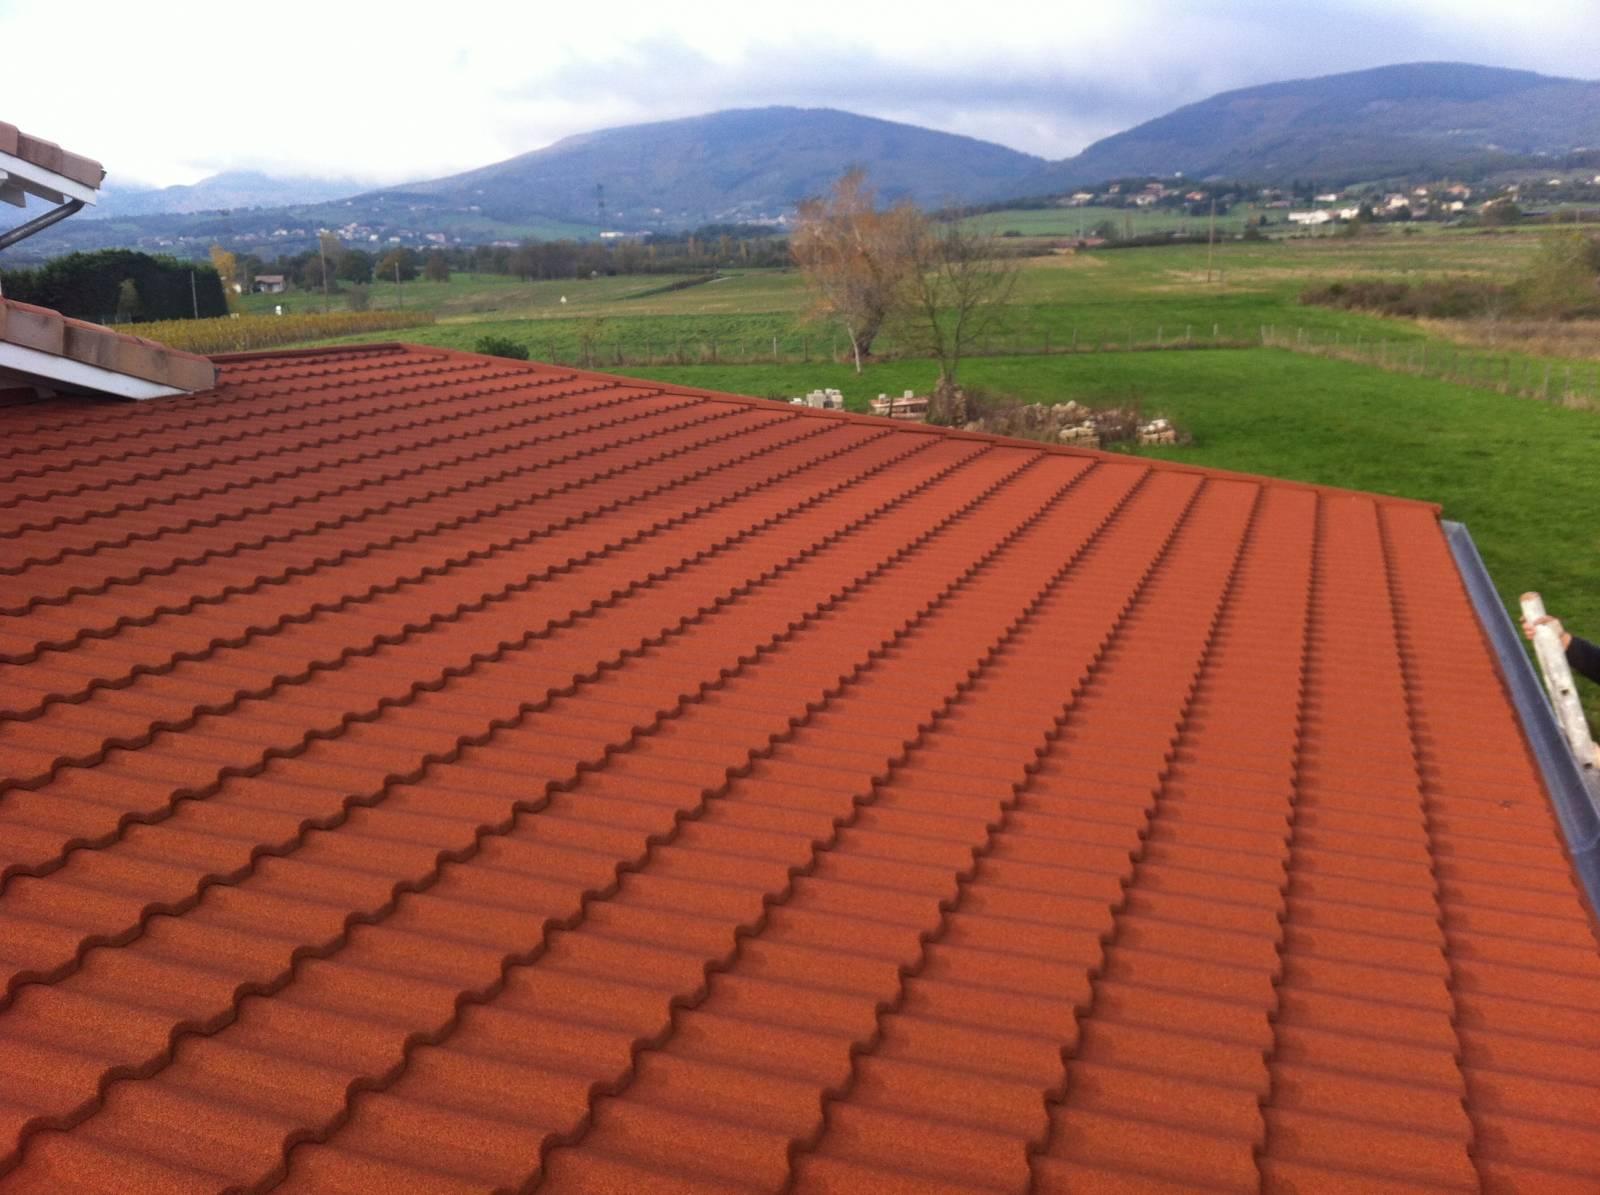 Tuiles Pour Toiture Faible Pente Fabrication Livraison De Tuiles Lyon Materiaux Renovation Toiture Ahi Roofing